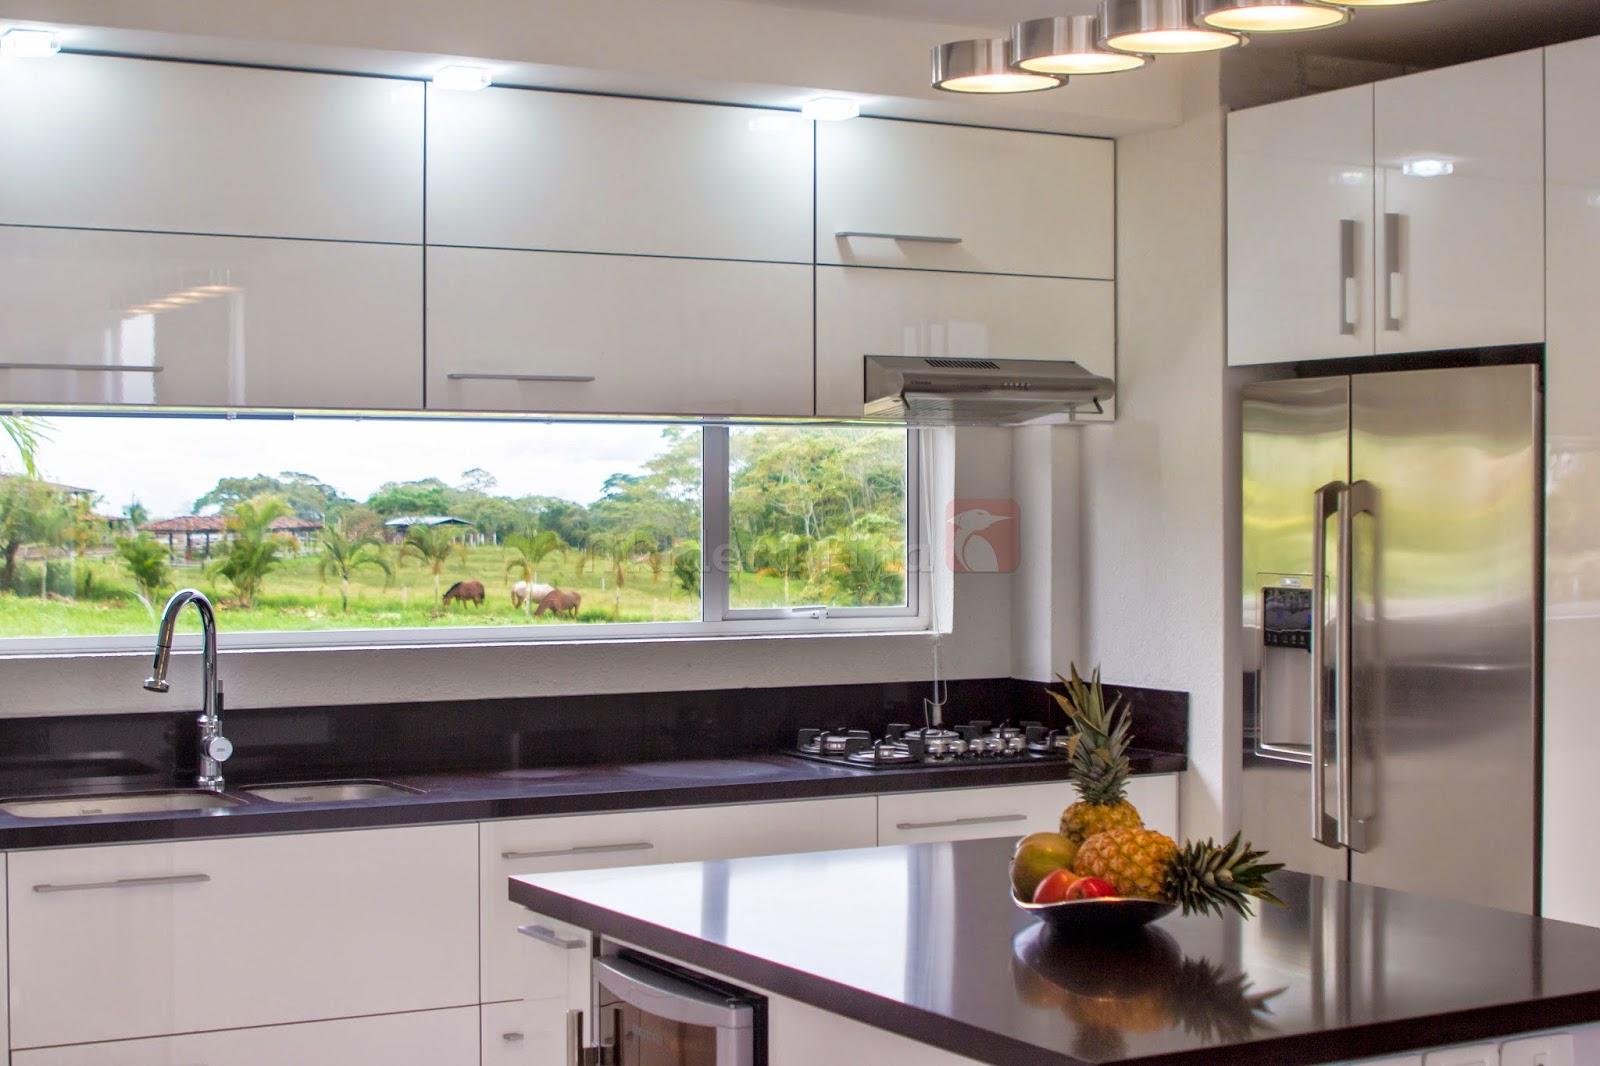 Cocina moderna blanca cocinas integrales pereira - Cocinas de madera modernas ...